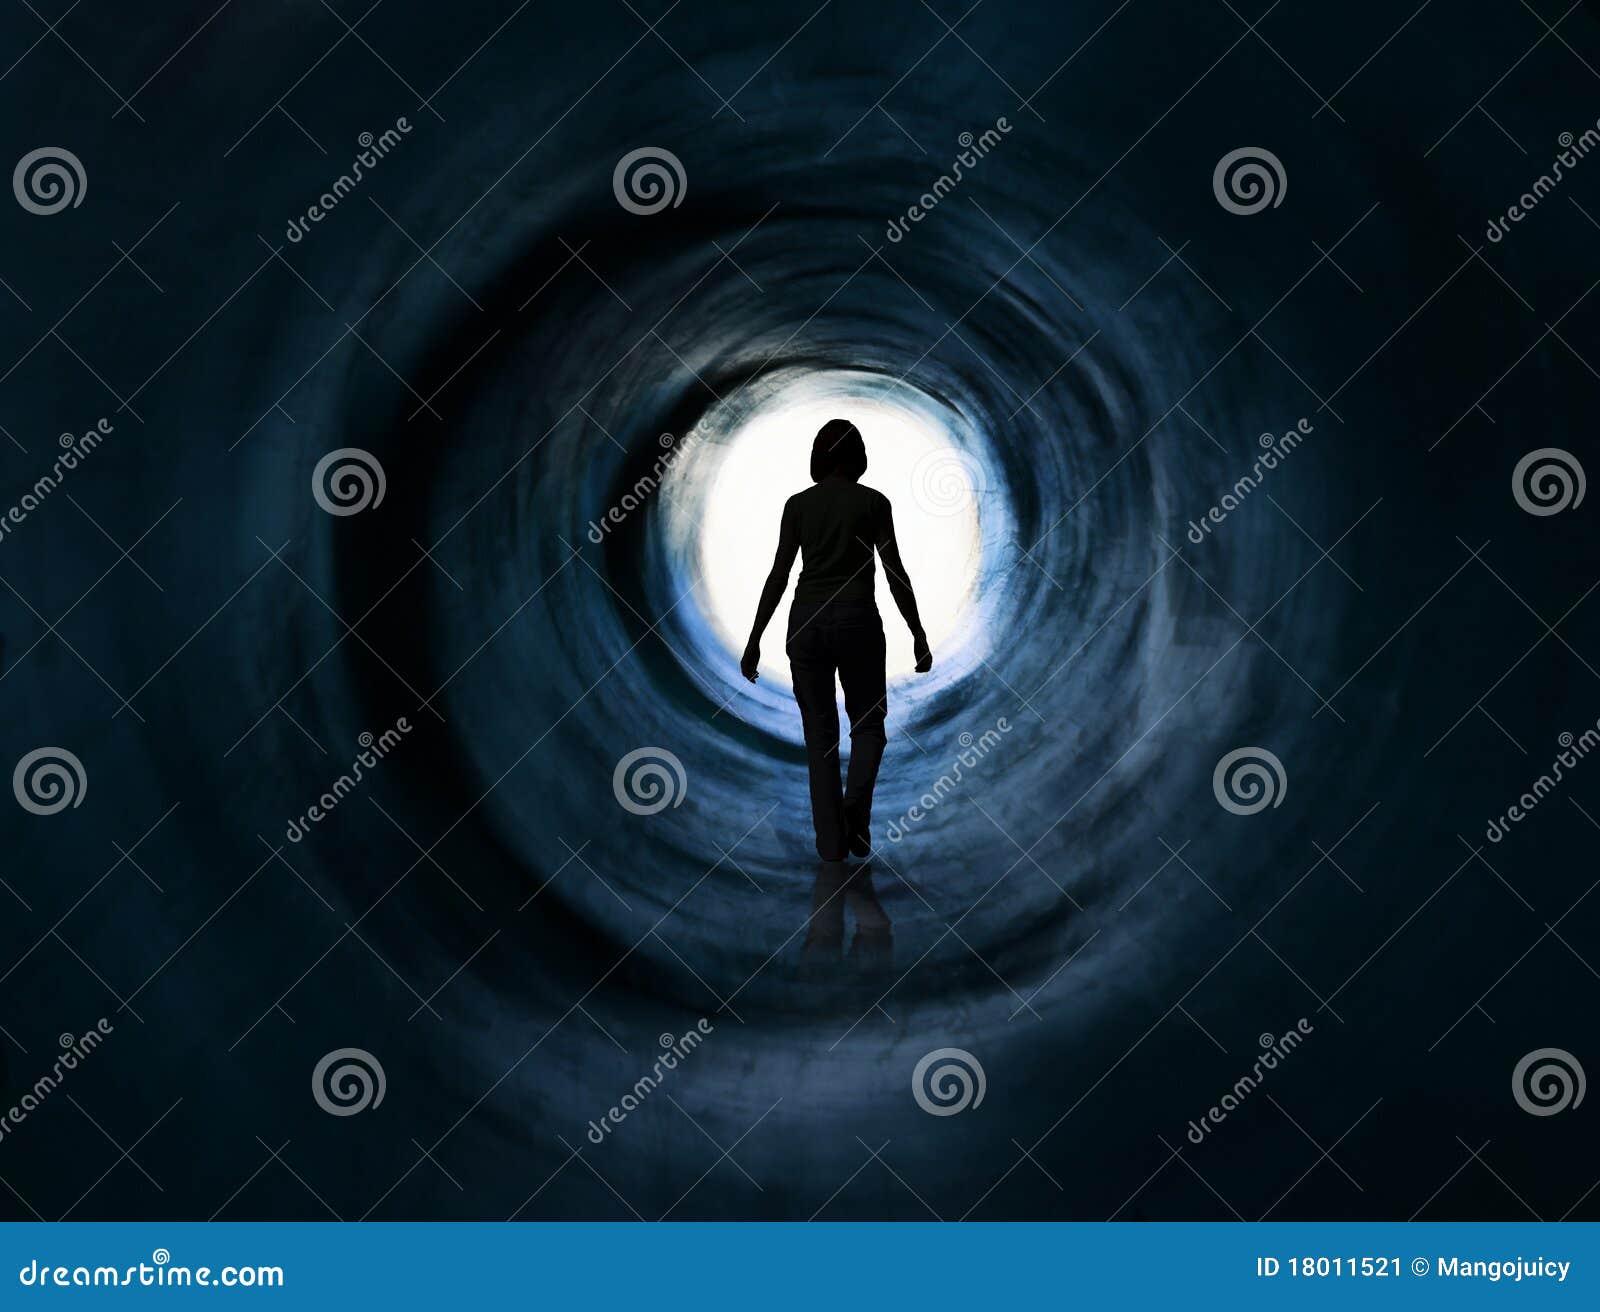 Cammini in indicatore luminoso. Fuoriesca, la visione di morte, paranormal